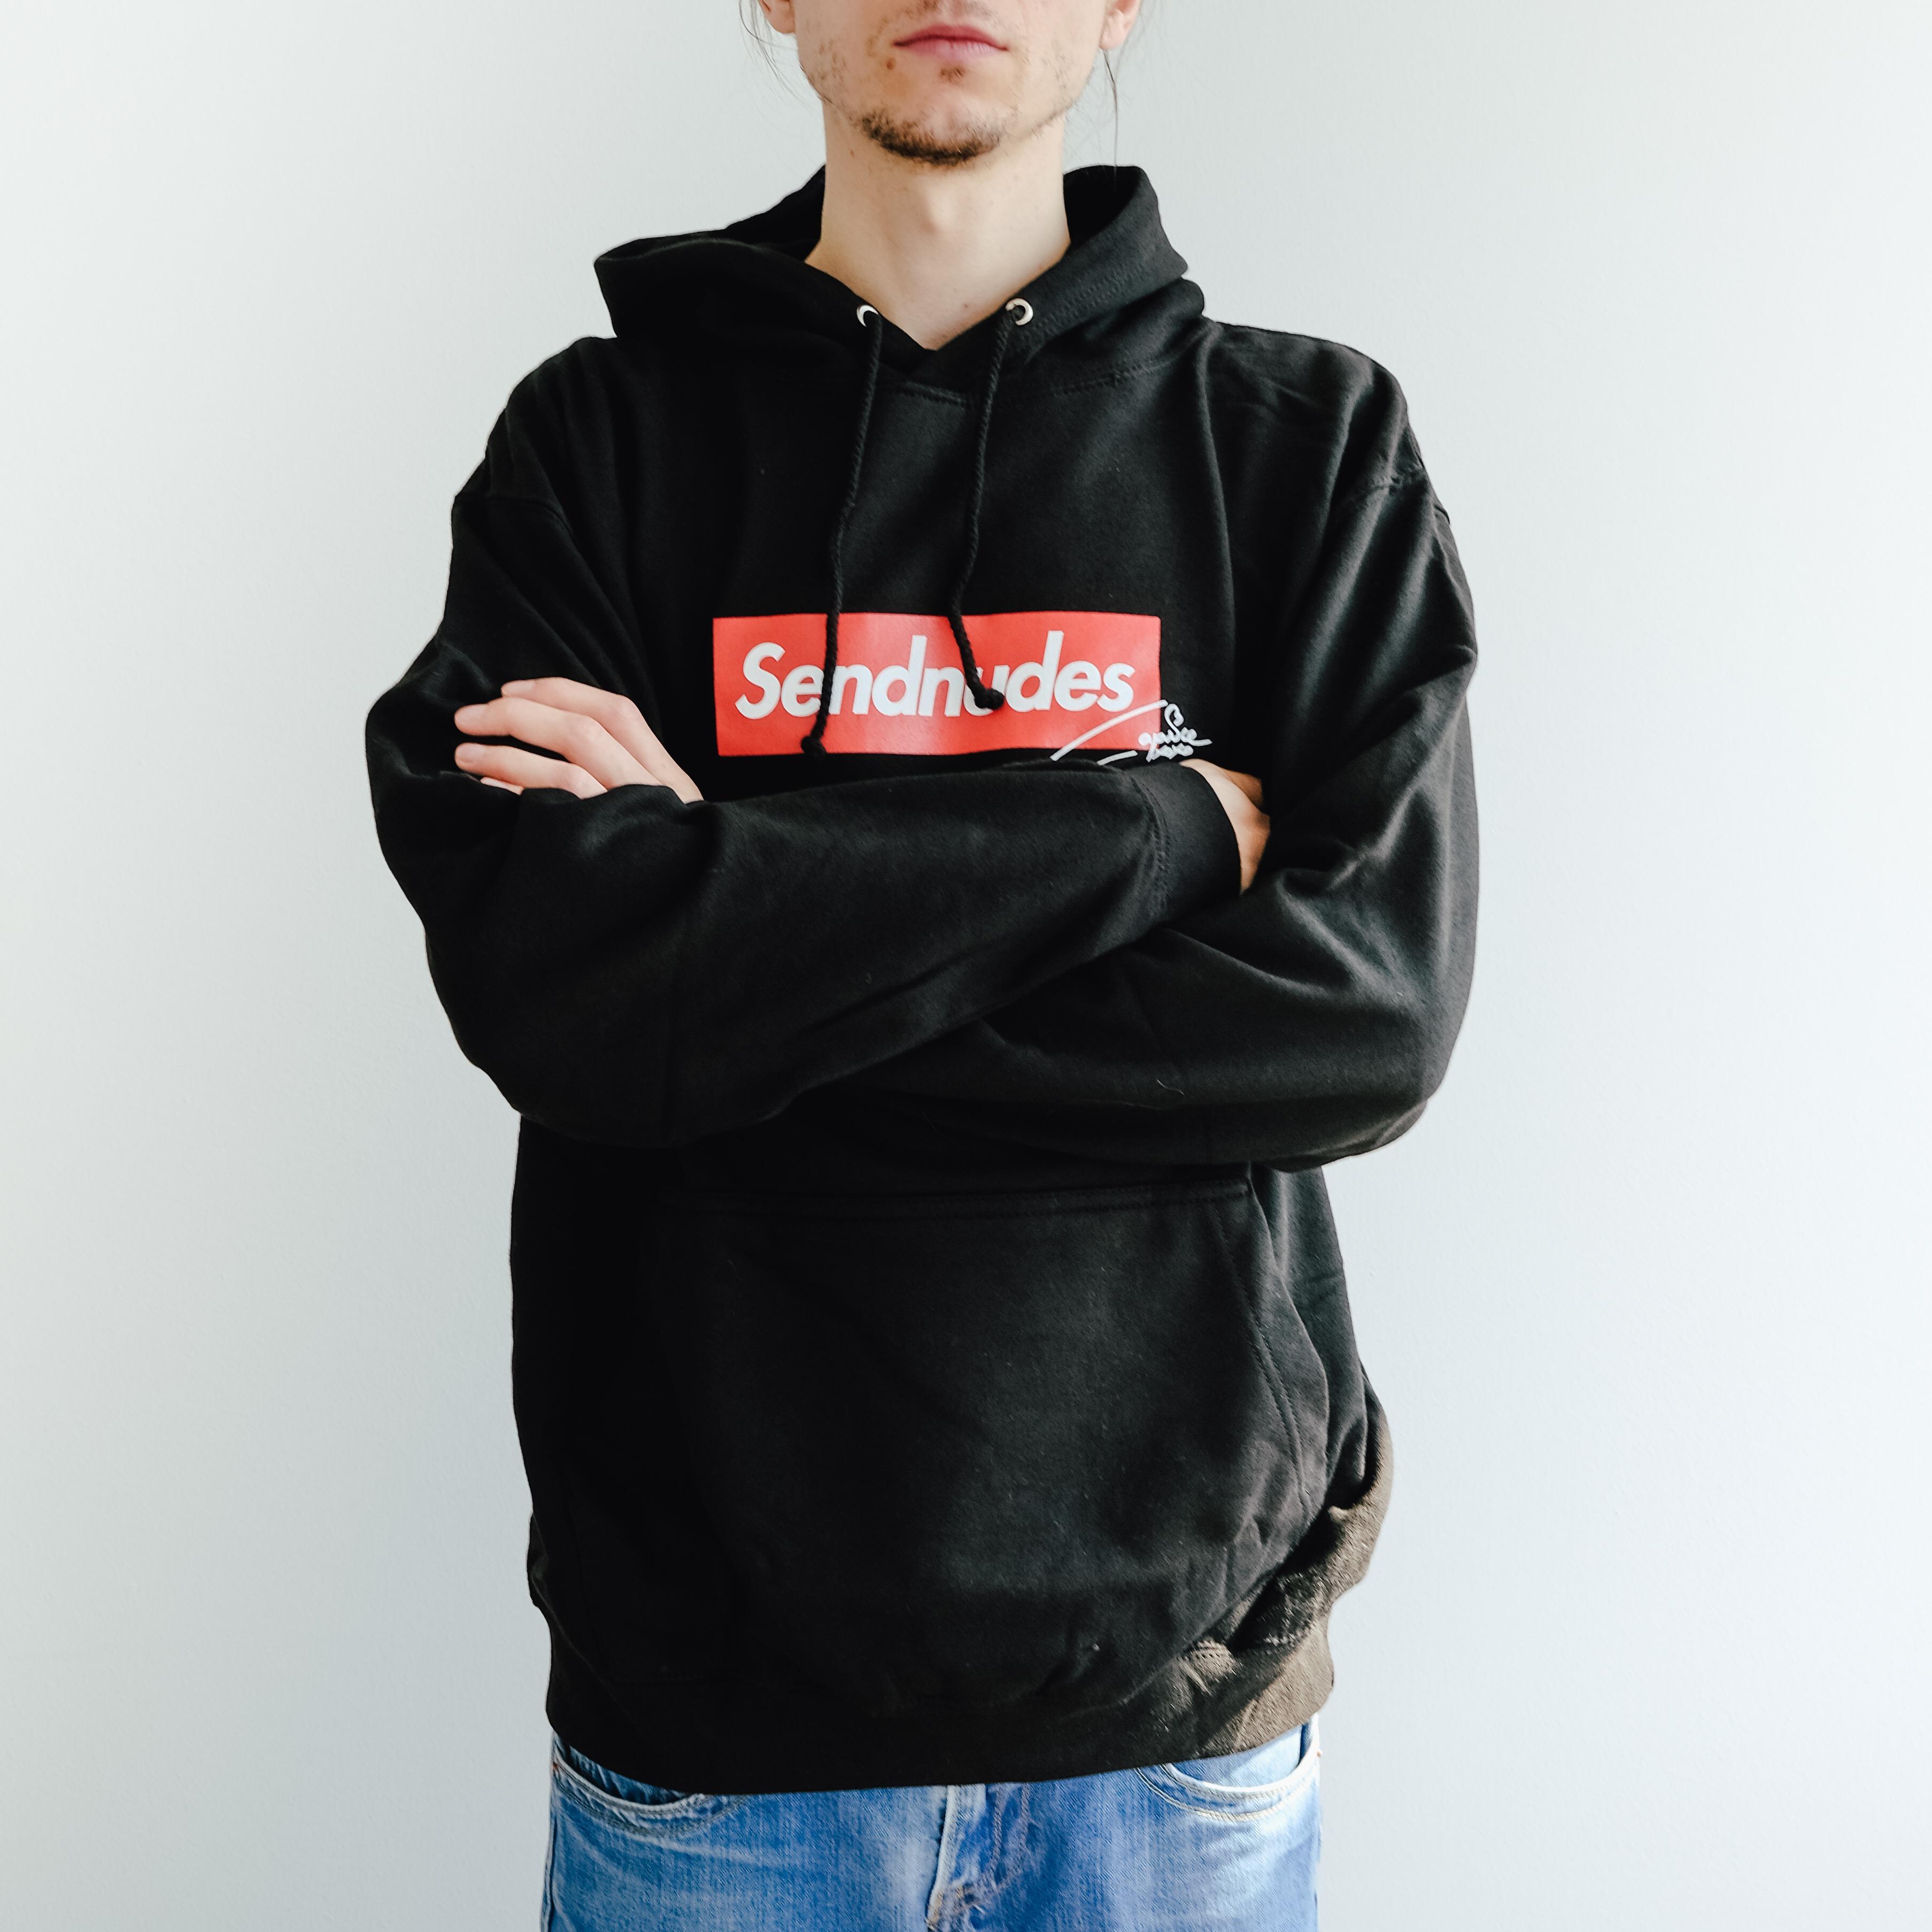 SENDNUDES hoodie